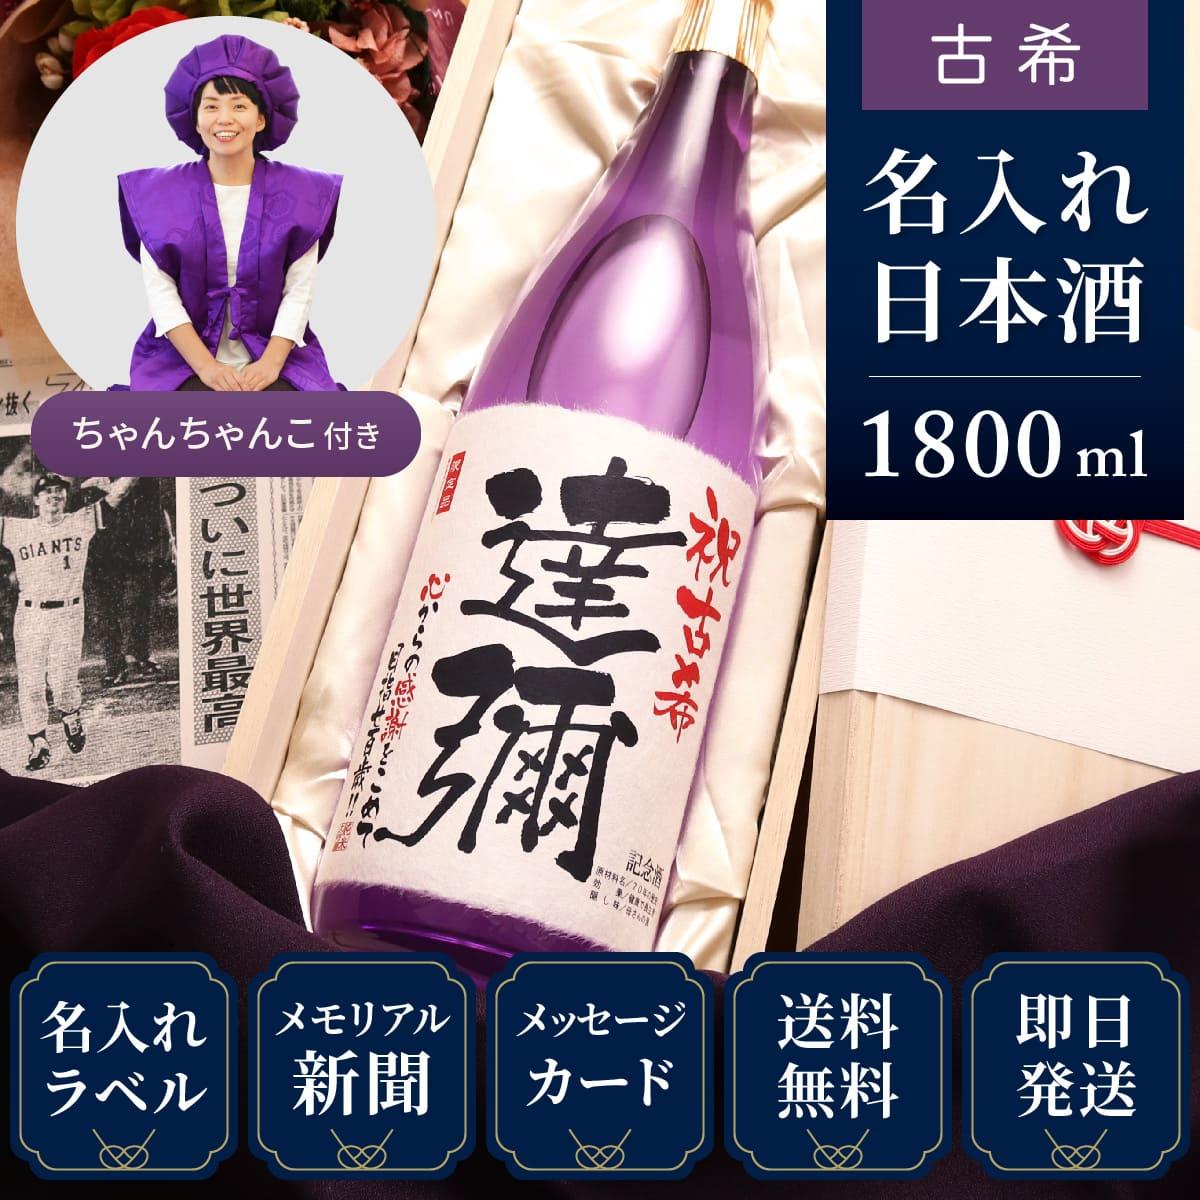 古希ちゃんちゃんこ(日本製)と紫瓶セット「紫龍」1800ml(日本酒)